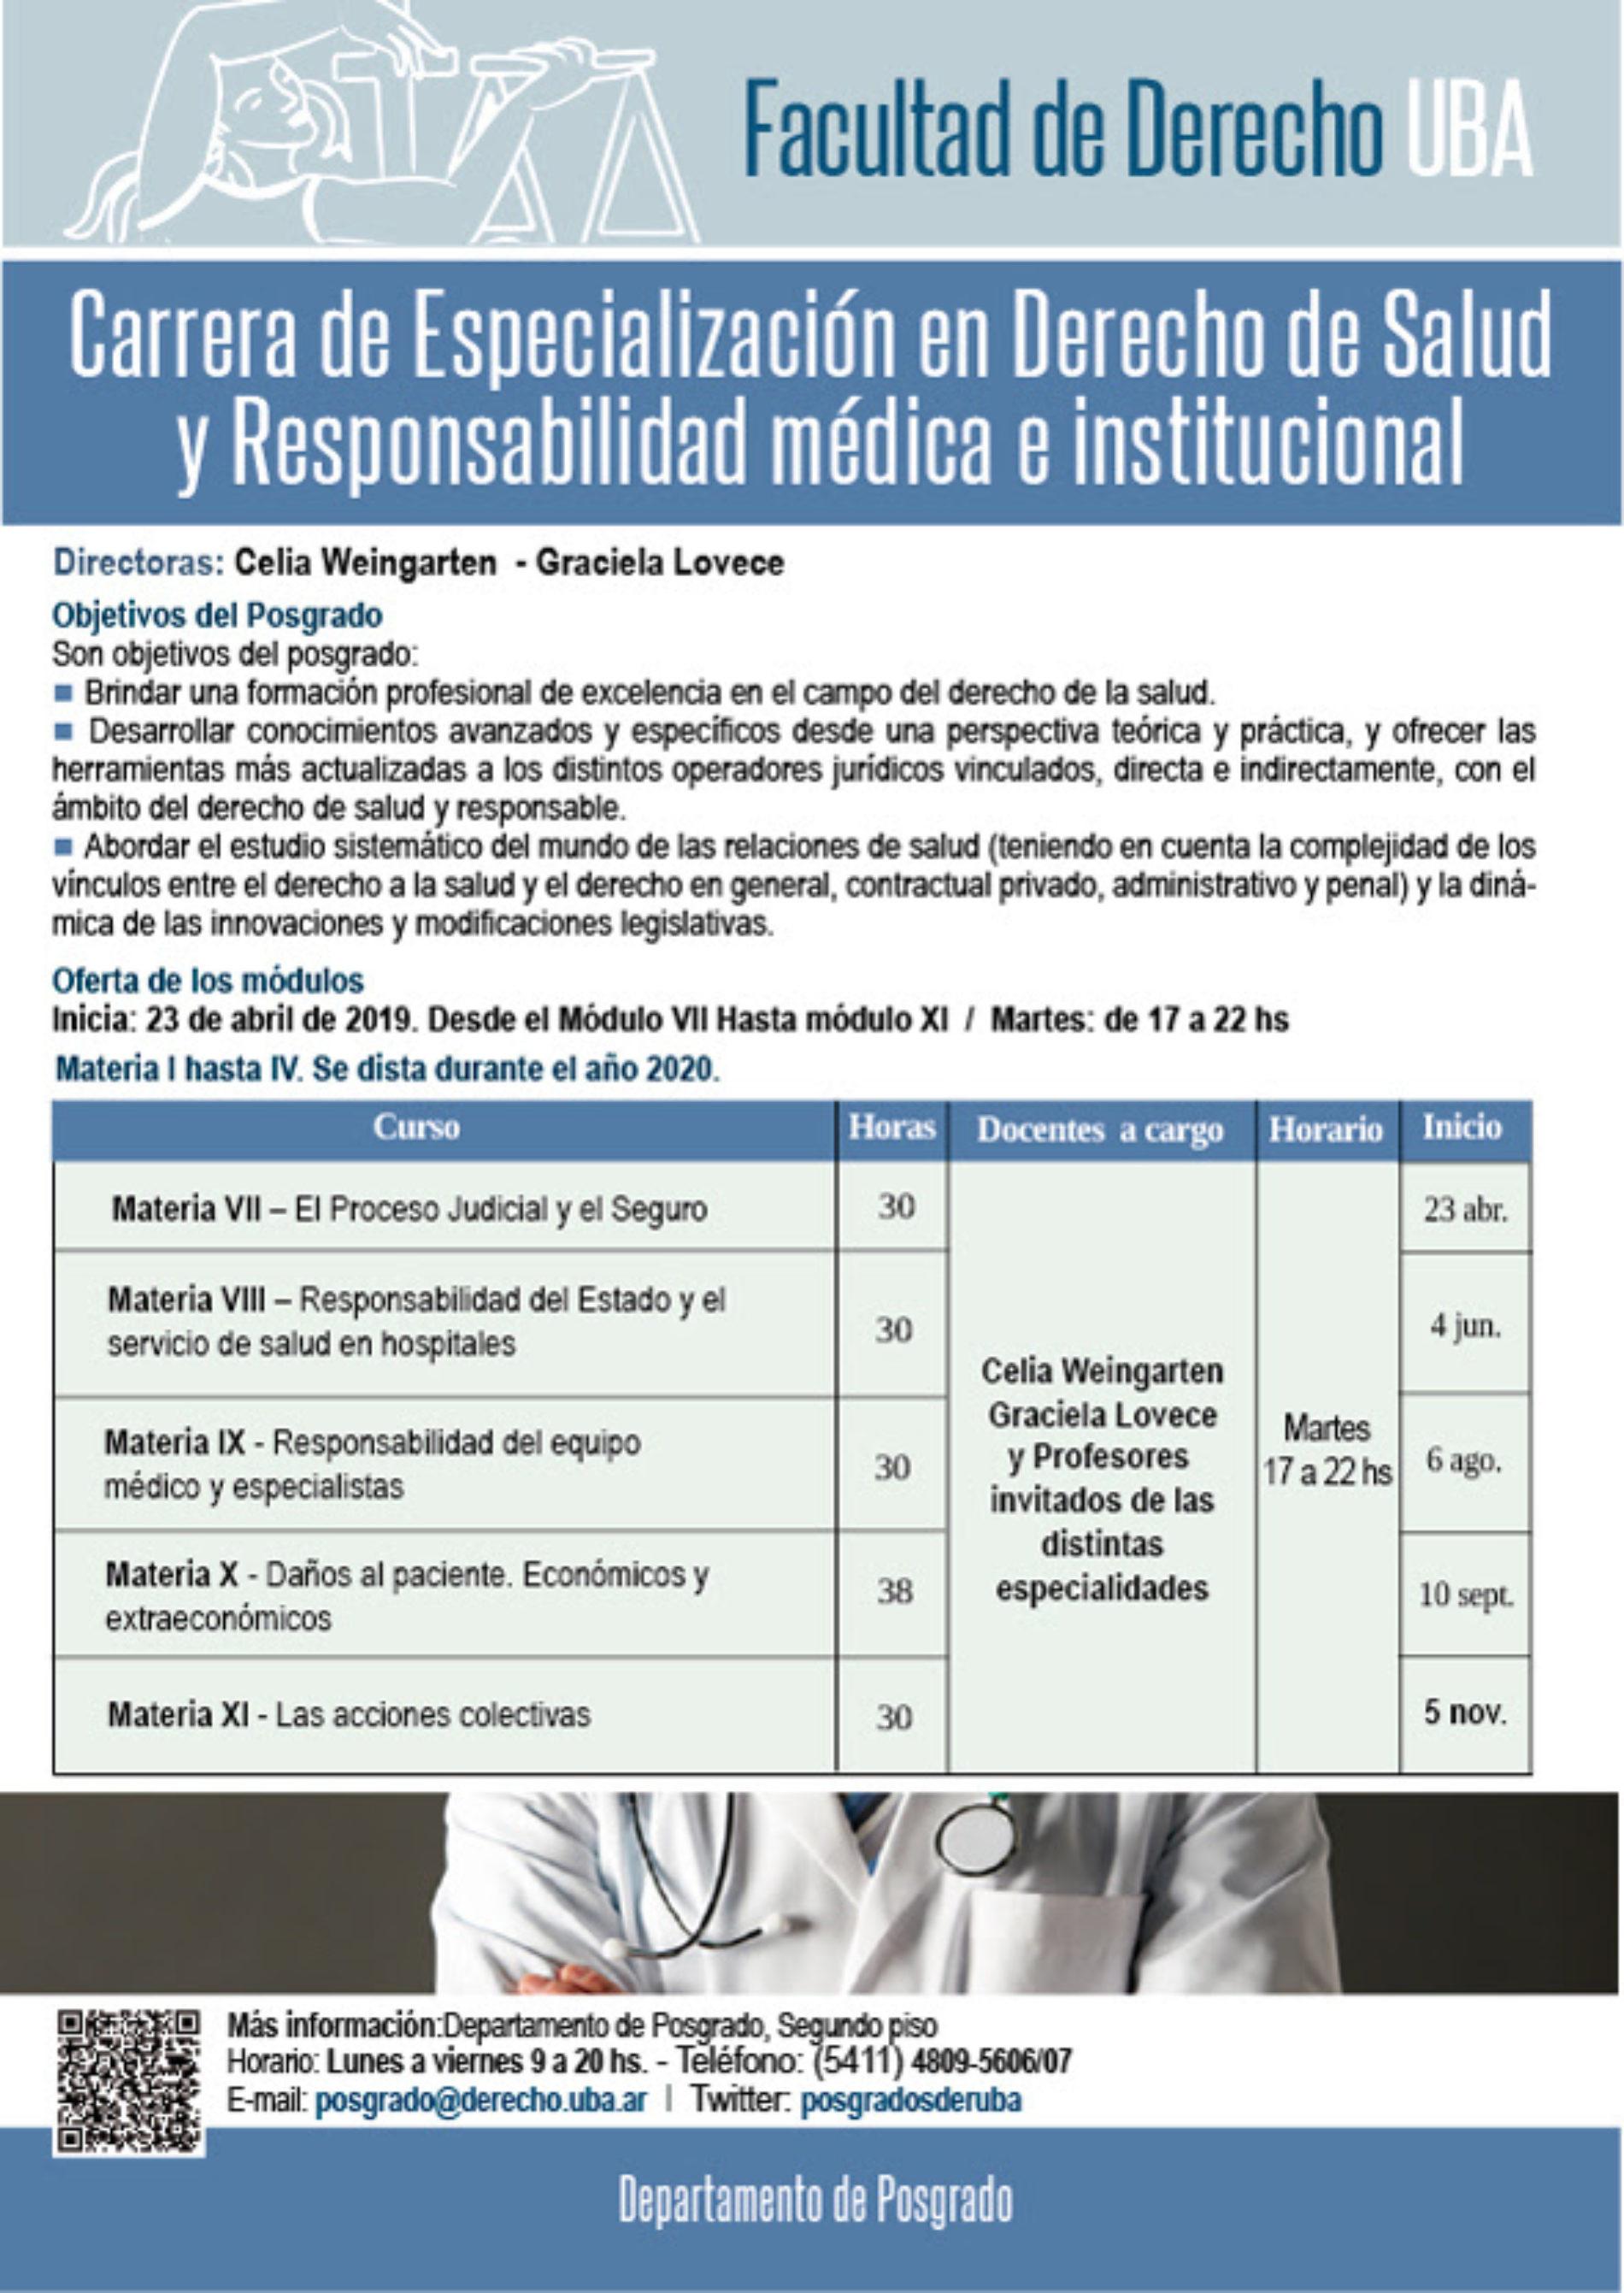 «Carrera de especialización en Derecho de Salud y Responsabilidad Médica e Institucional»